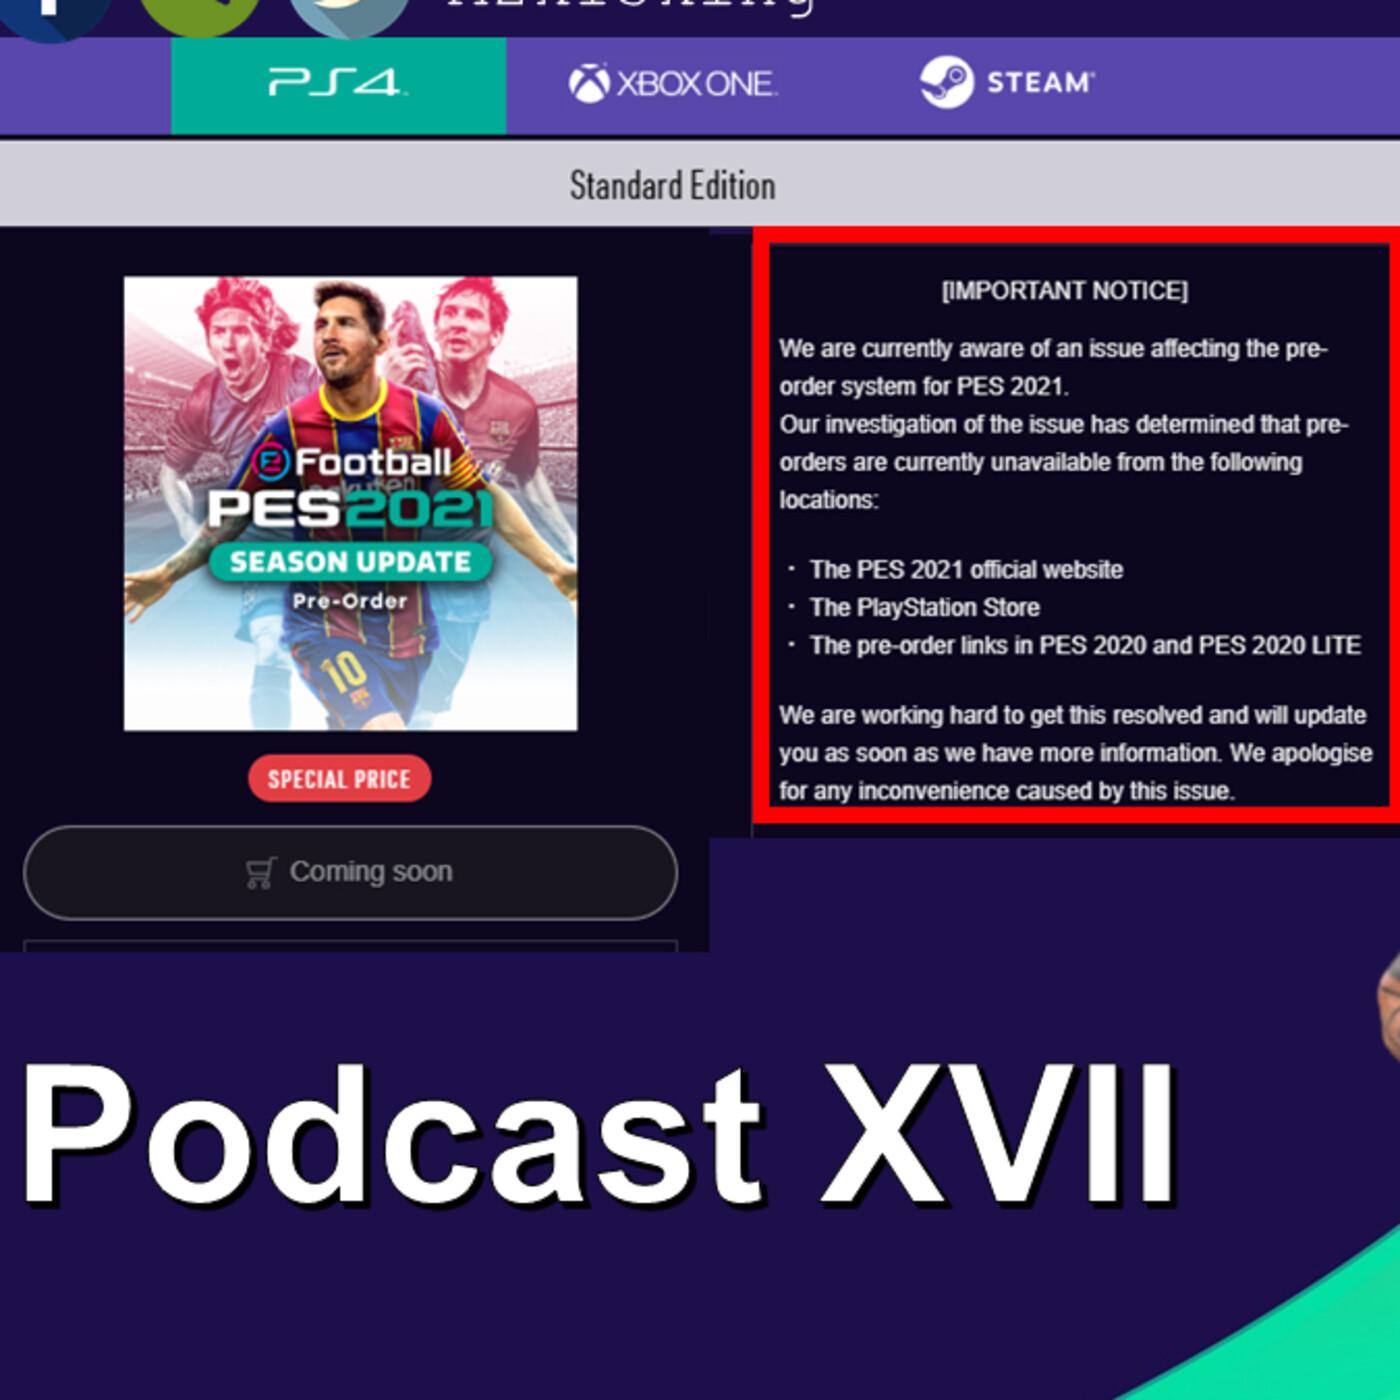 Podcast XVII El Desastroso Lanzamiento de eFootball PES 2021 !!!